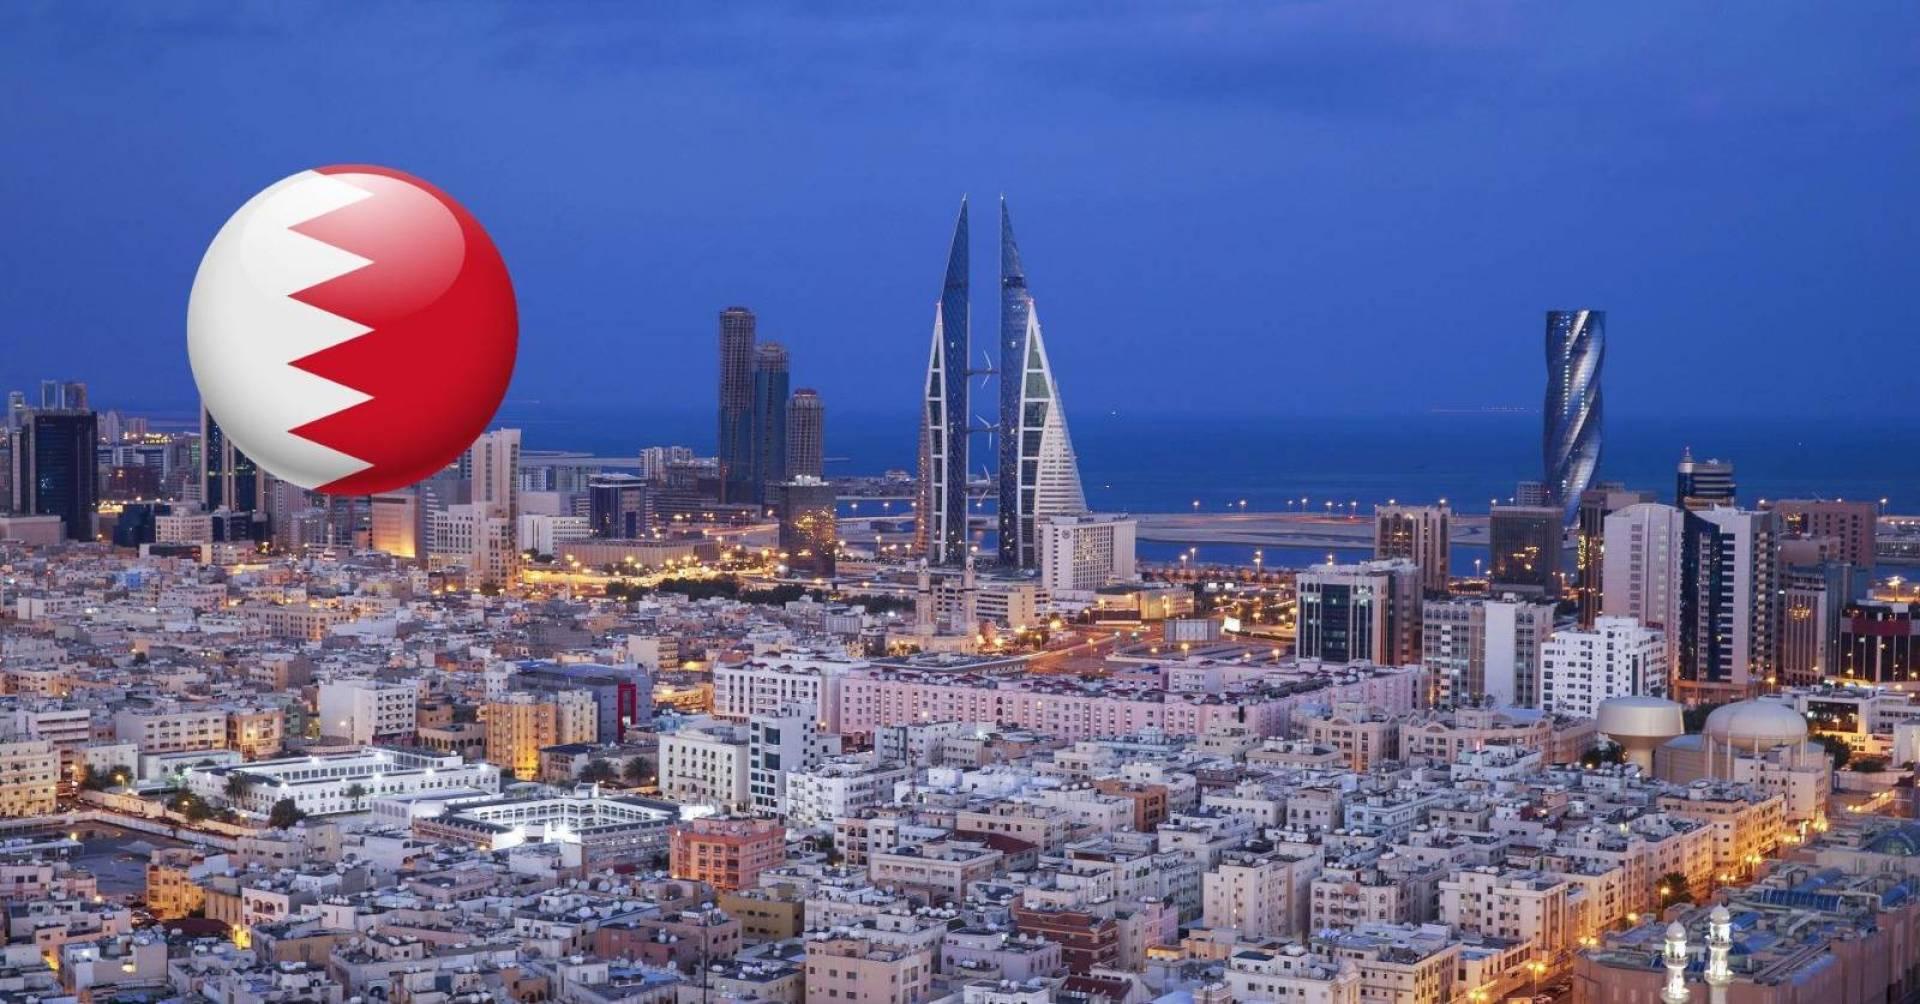 البحرين تُمدد دعما 50% لرواتب المواطنين العاملين بقطاعات تأثرت بكورونا